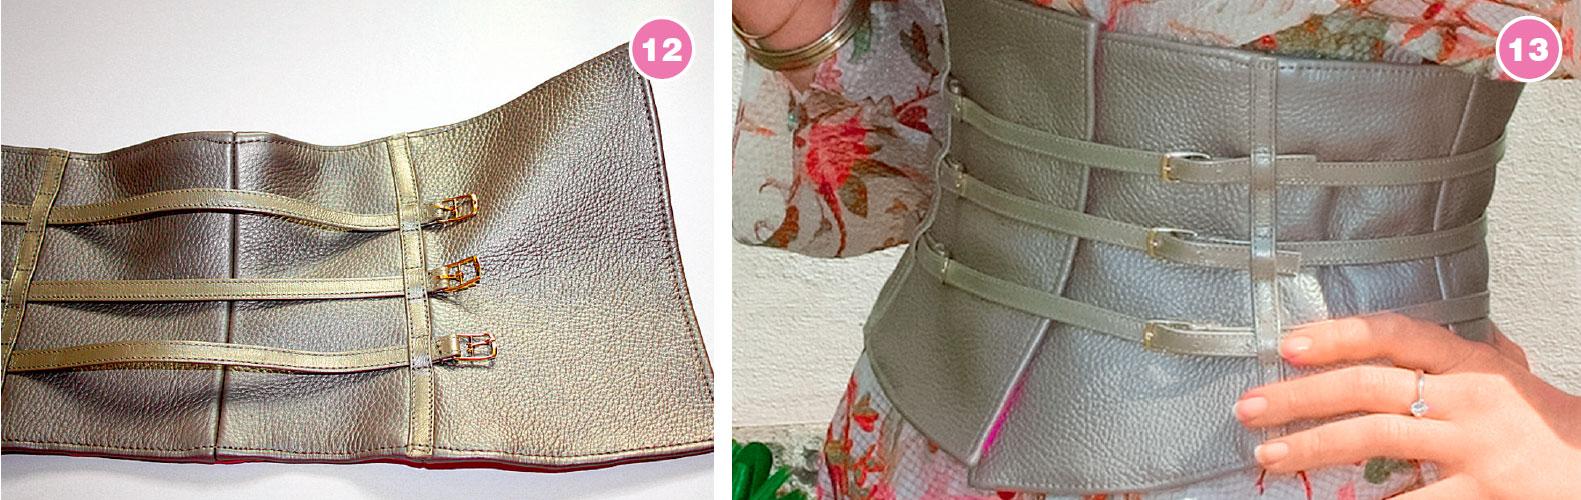 Двусторонний пояс-корсет из кожи и ткани